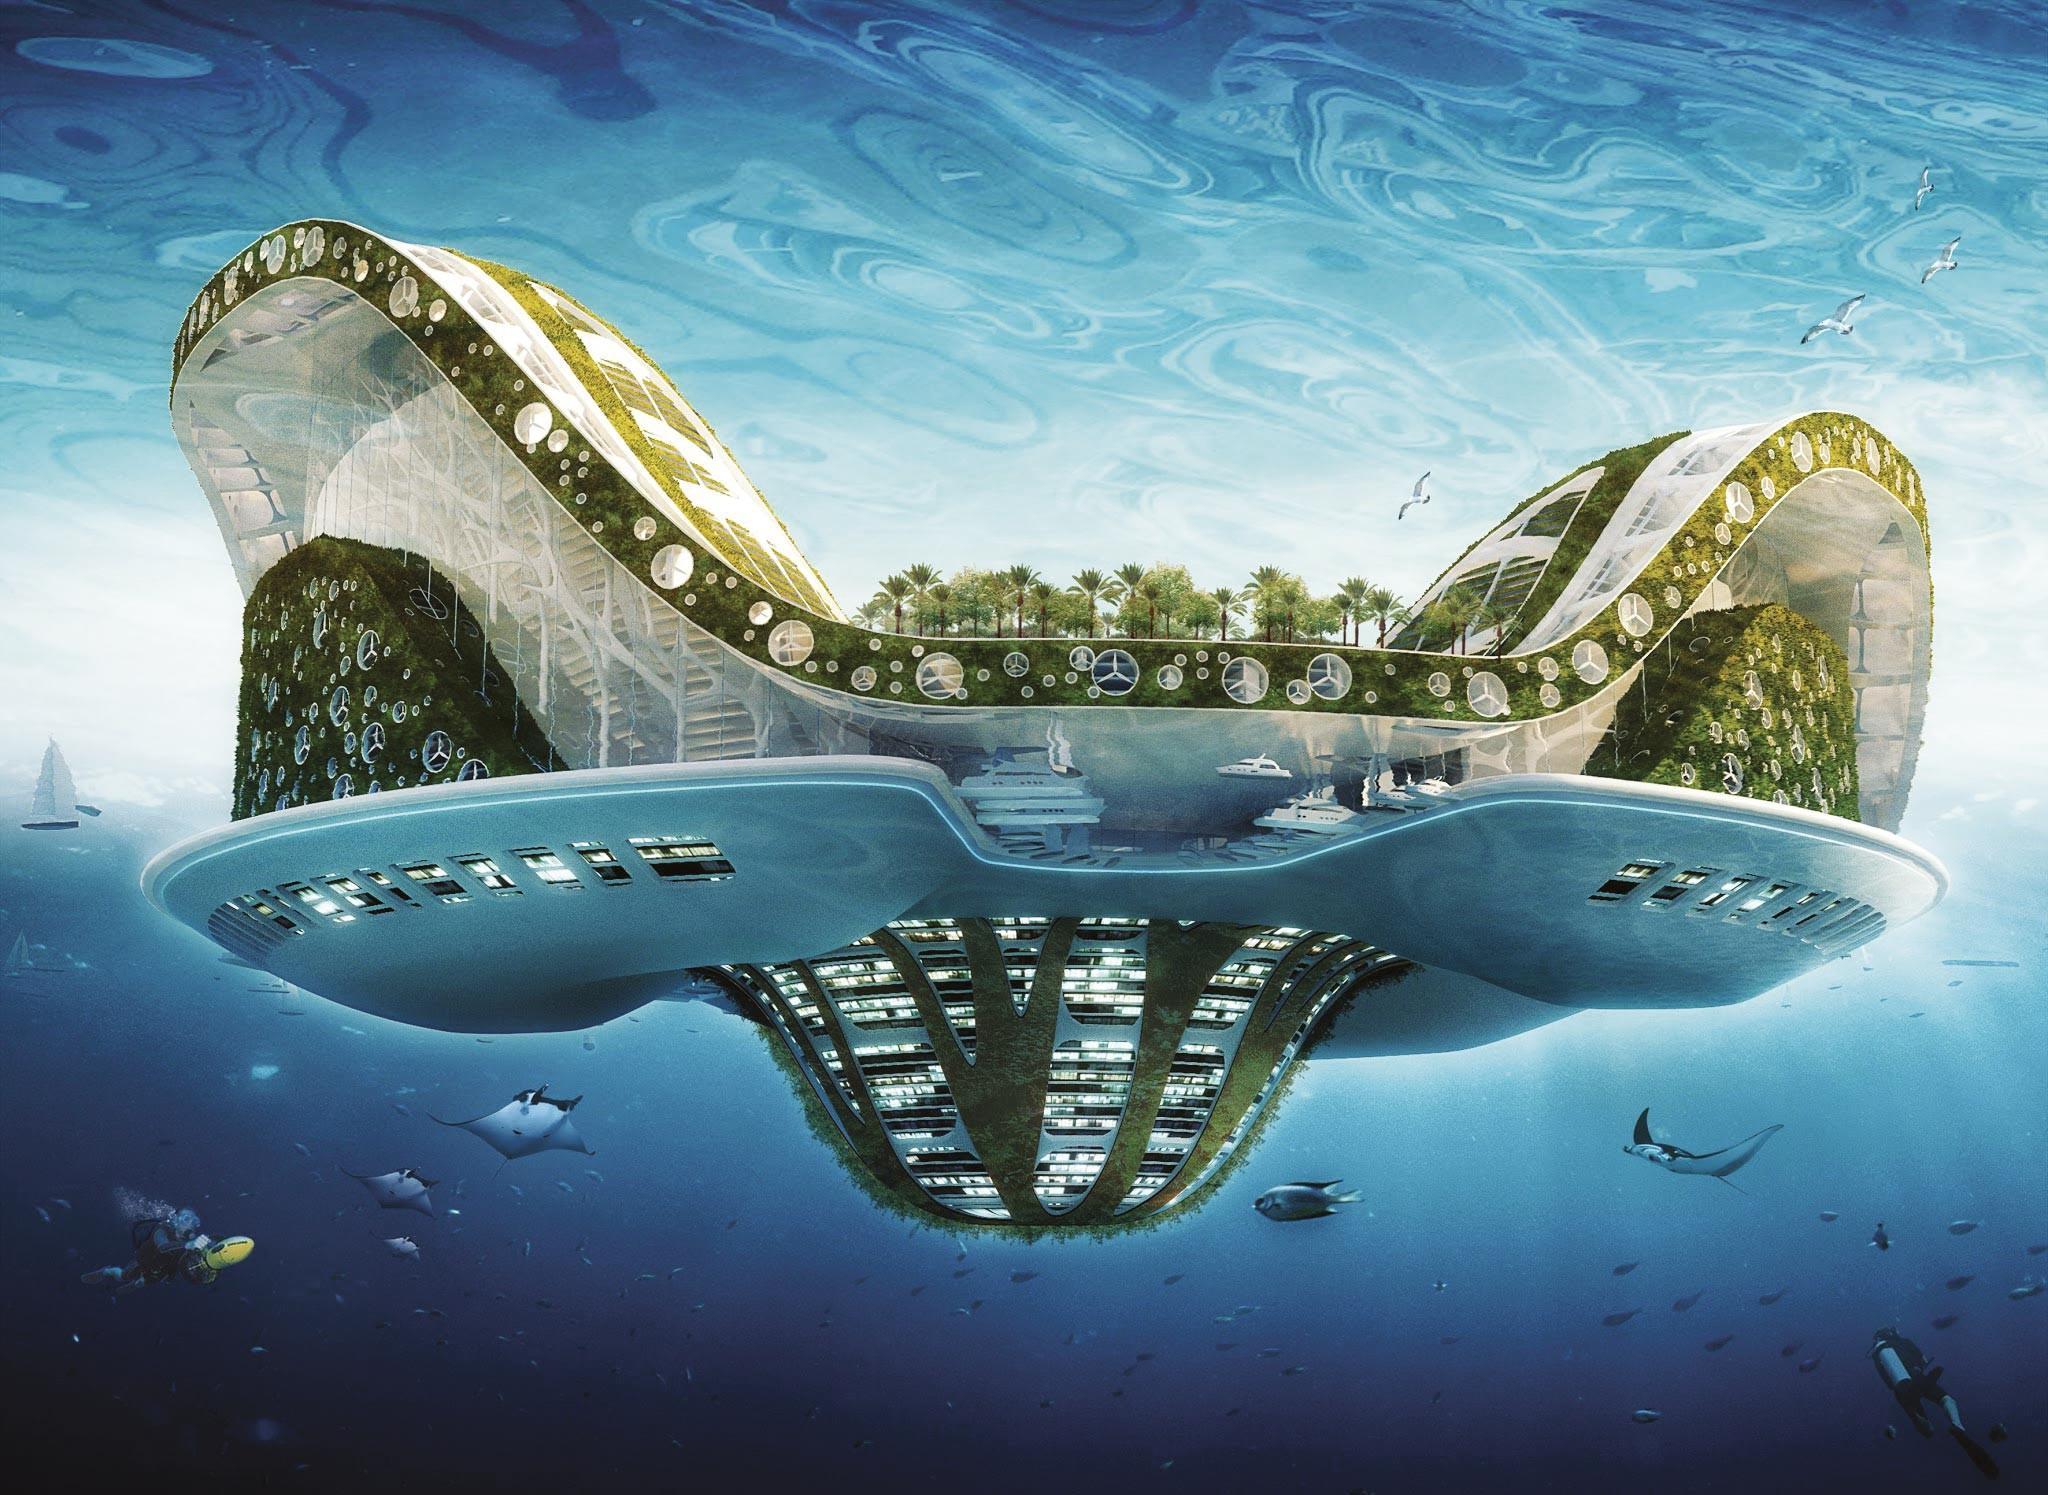 Projet de villeflottante pour lesréfugiés climatiques